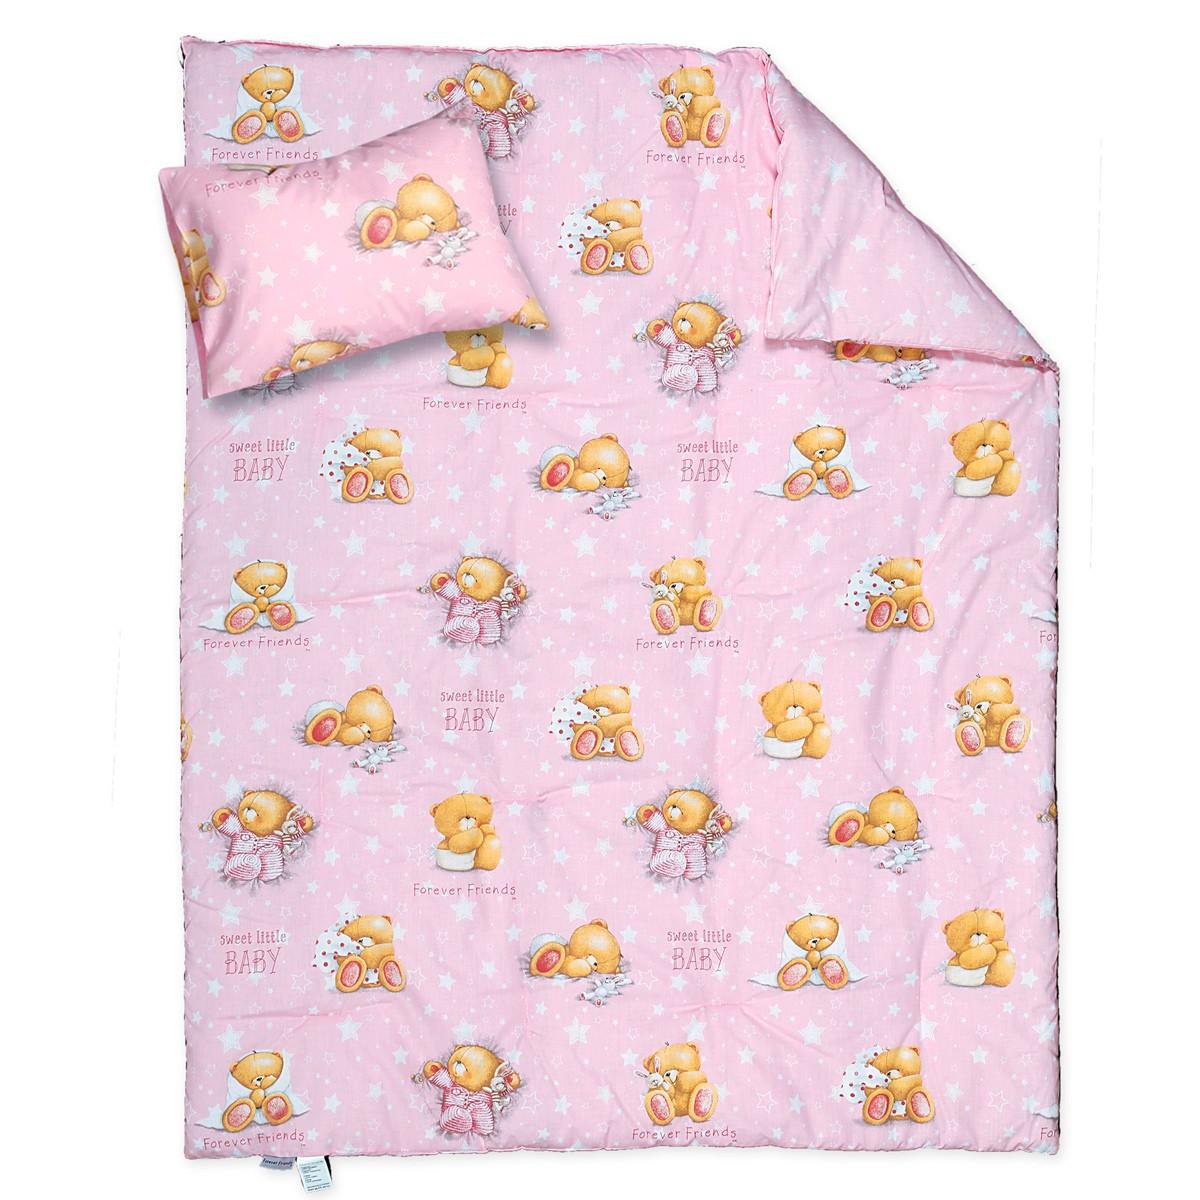 Παπλωματοθήκη Κούνιας (Σετ) Nef-Nef Baby FF Forever Sleepy